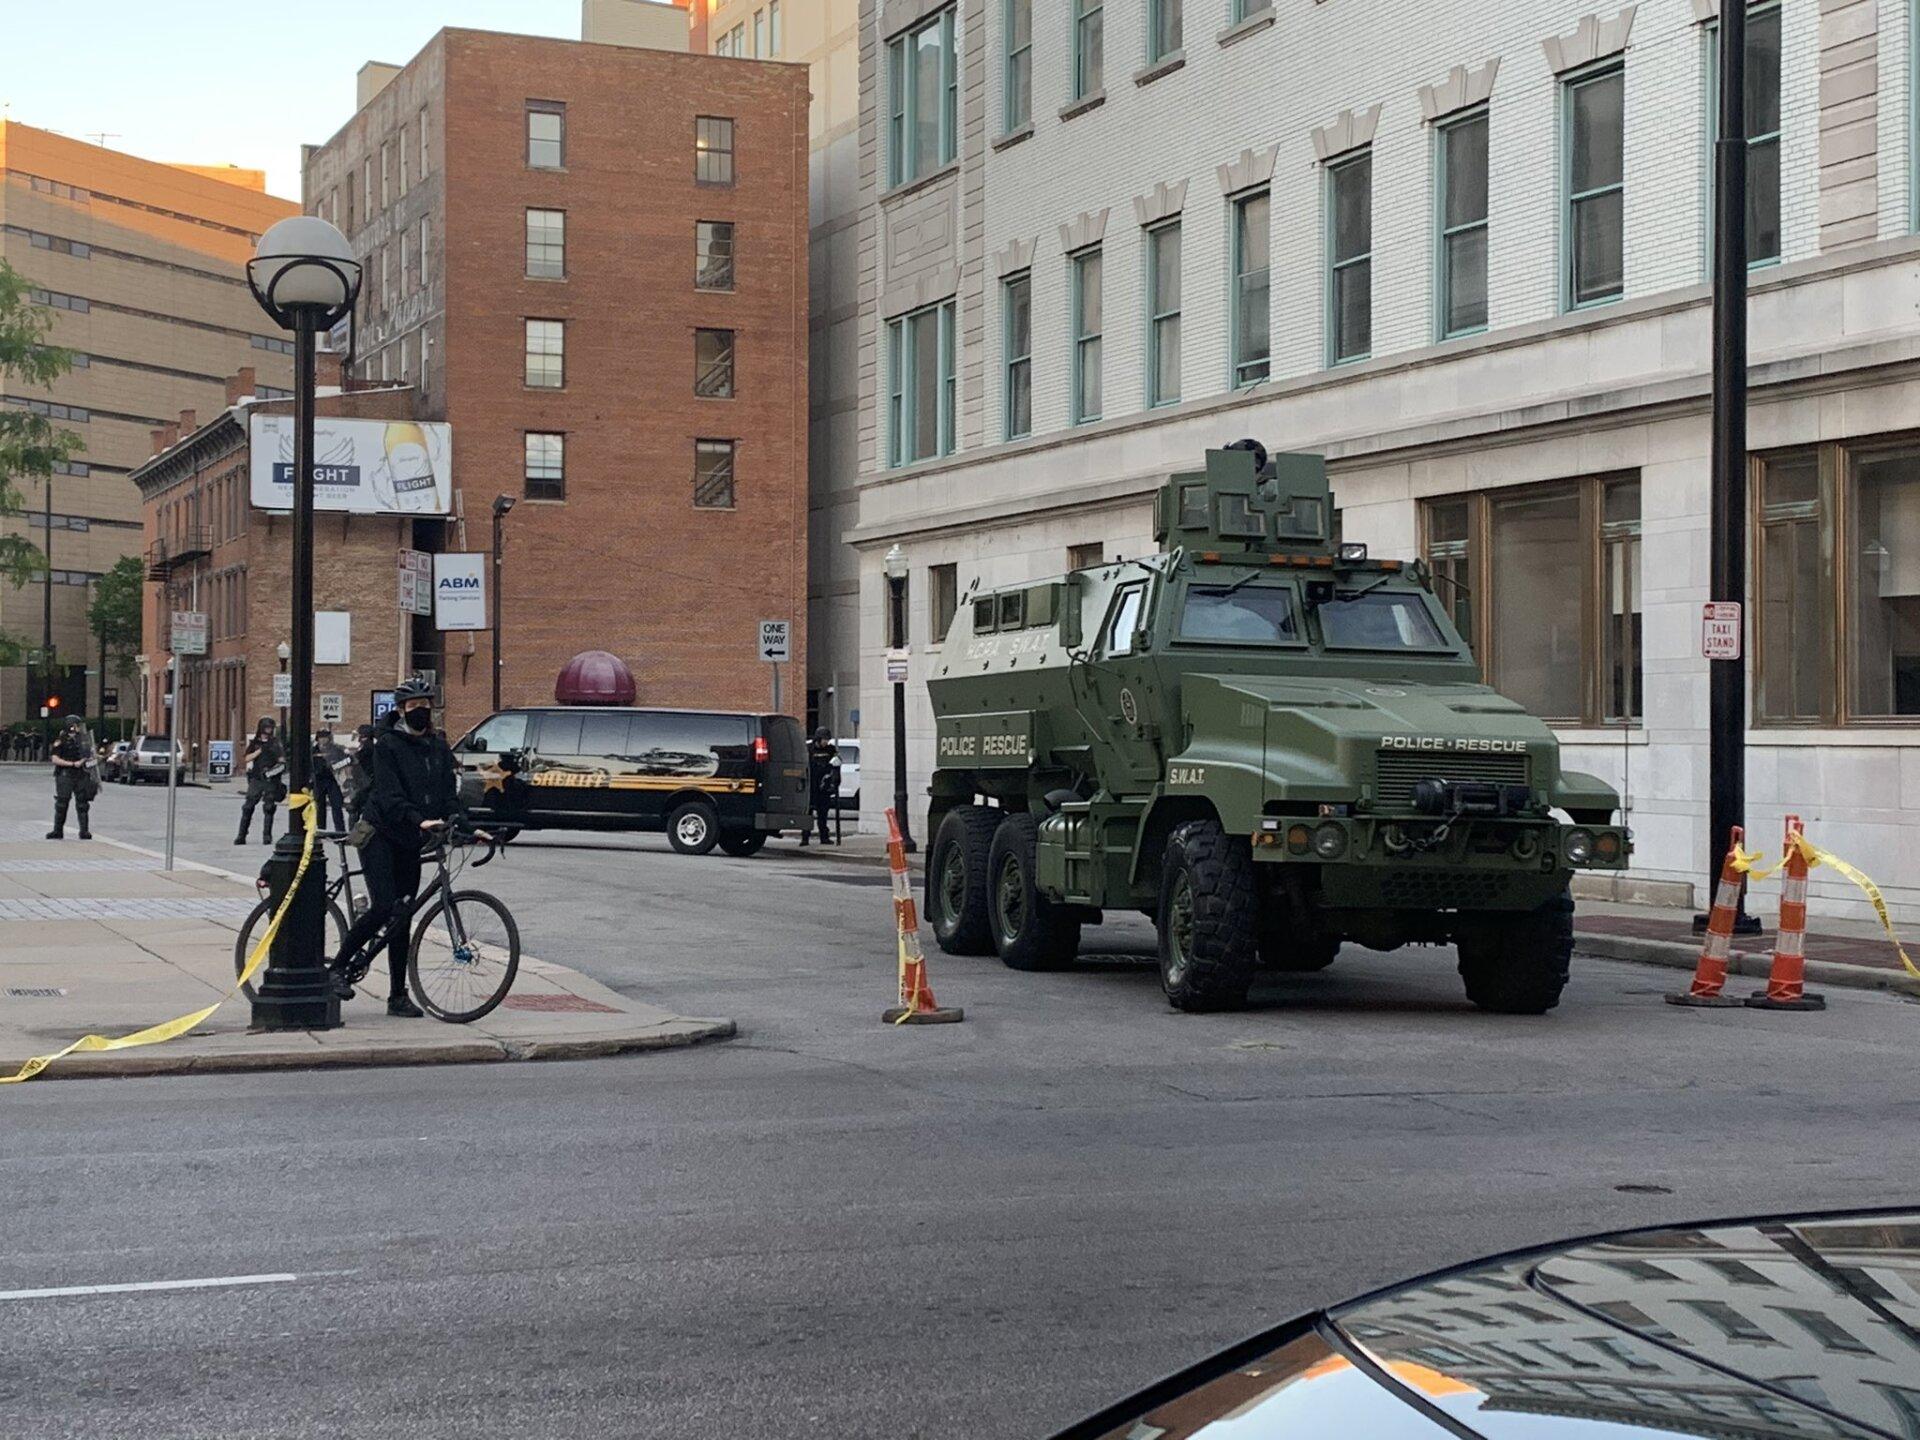 WCPO swat vehicle courthouse courtney.jpeg